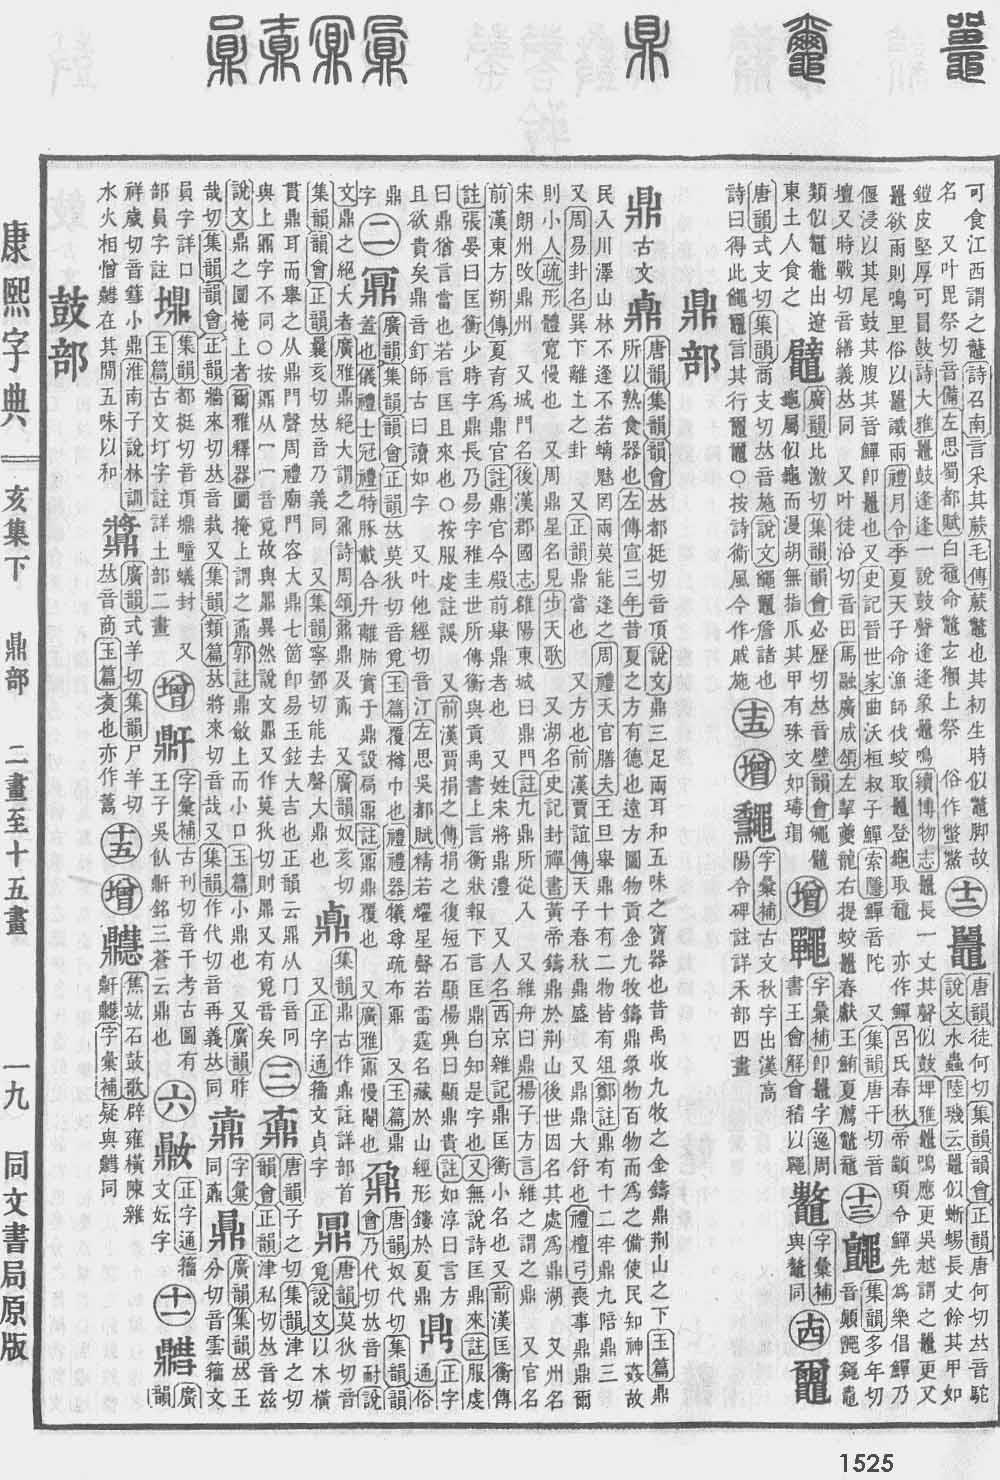 《康熙字典》第1525页